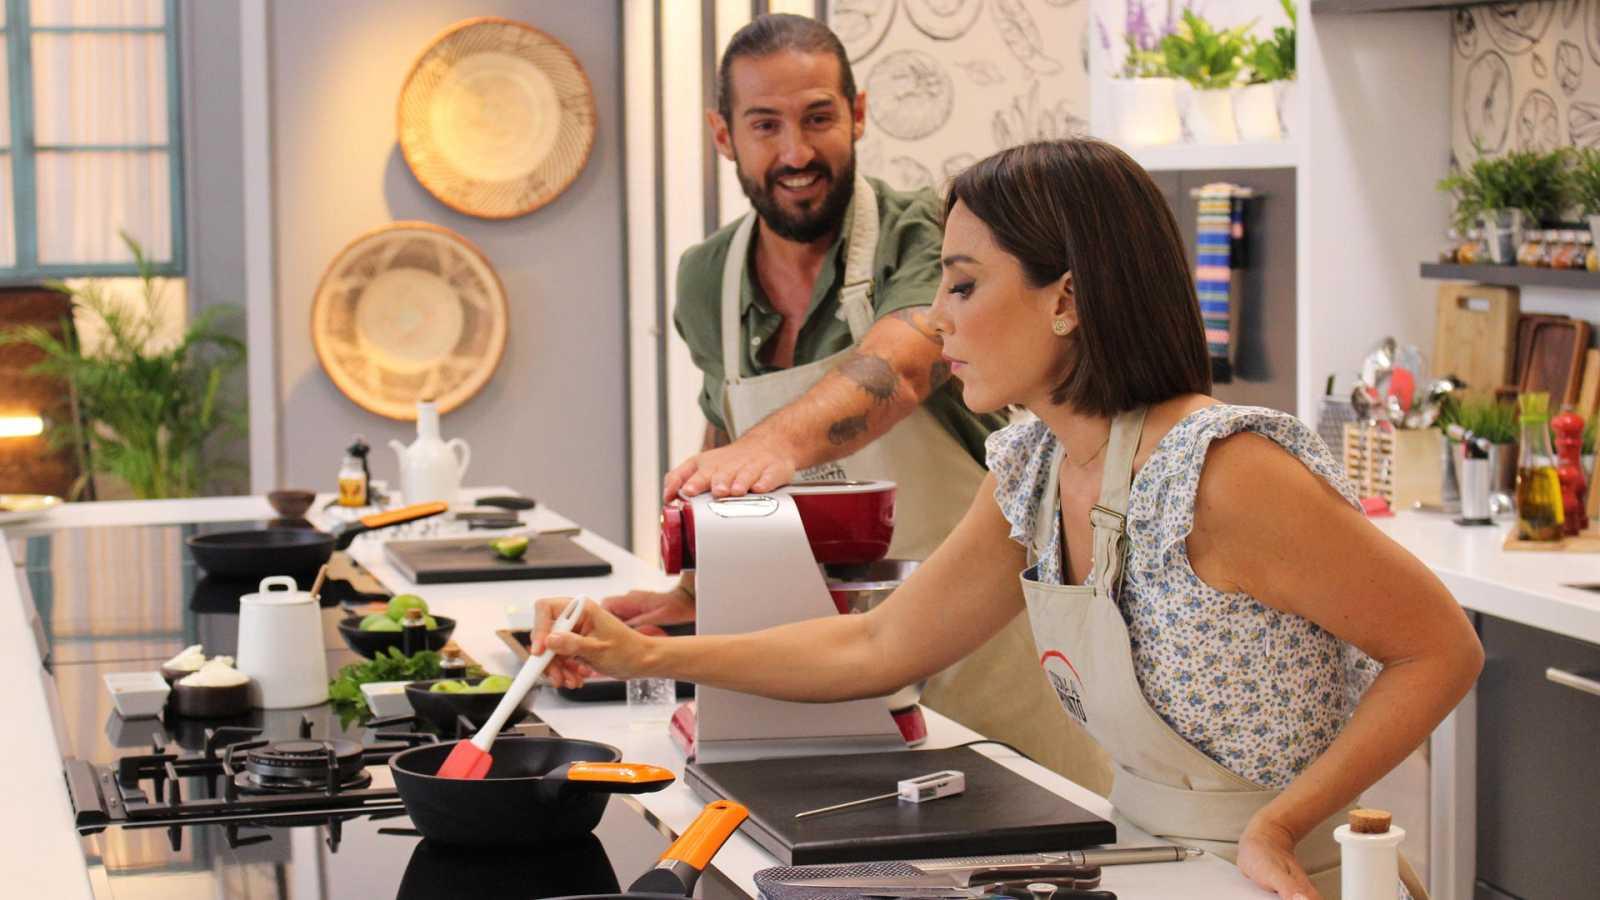 Cocina al punto con Peña y Tamara - Miel de Villuerca Ibores - ver ahora